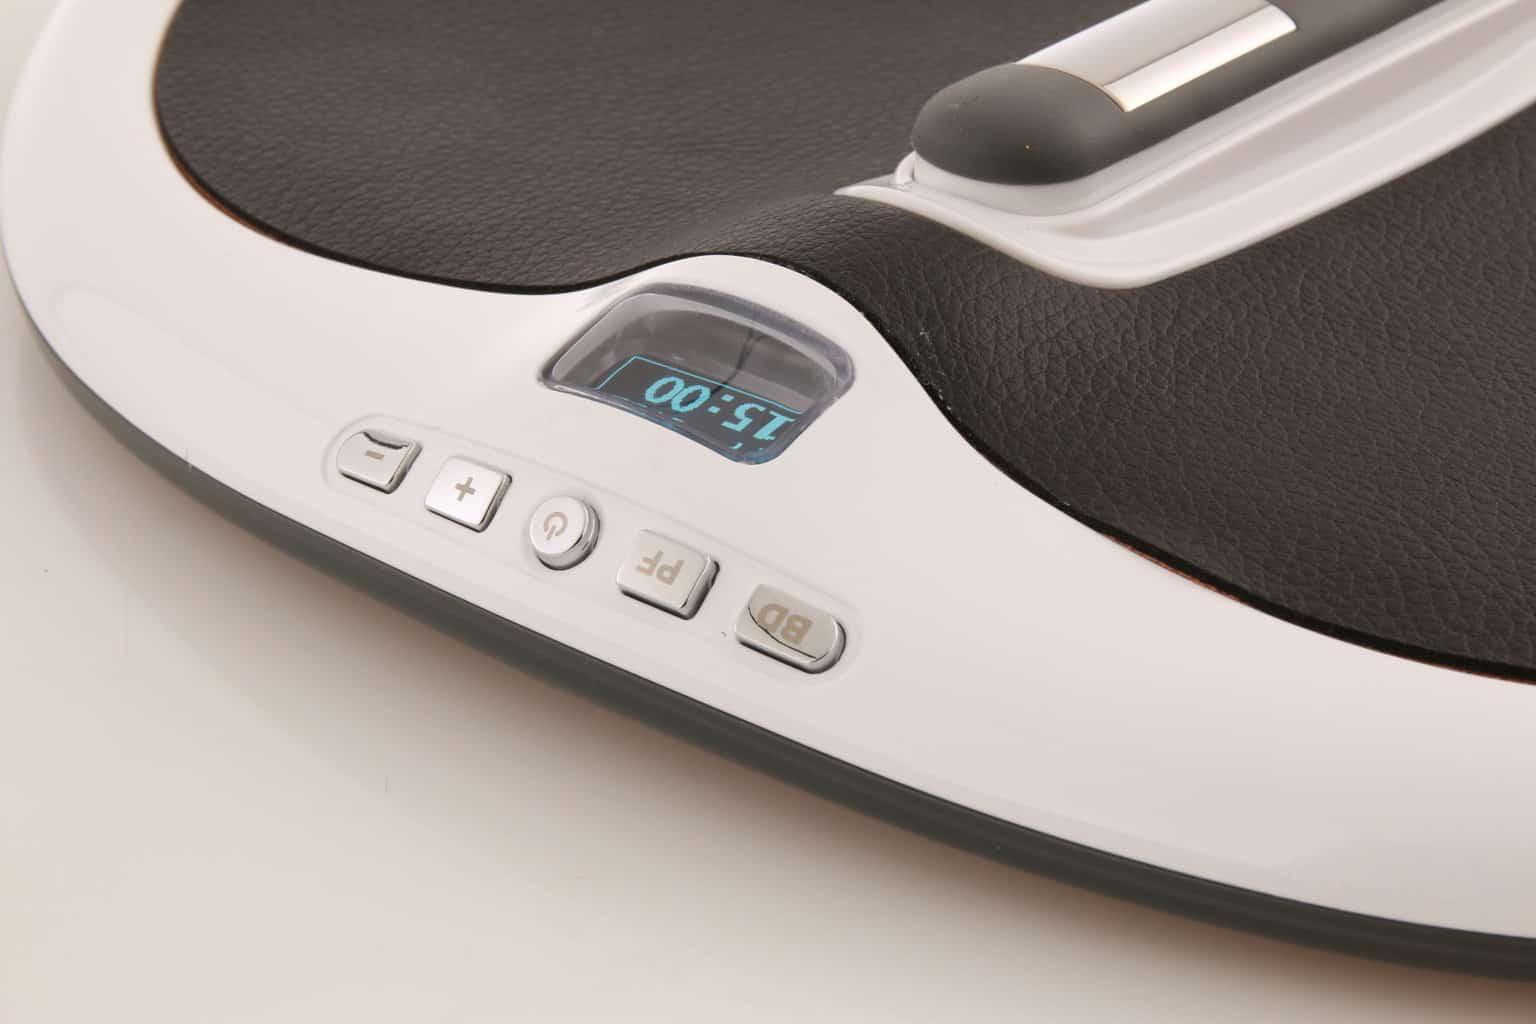 מכשיר אגן בריא לשימוש ביתי. מתיישבים, מתרגלים ומחזקים את שרירי רצפת האגן